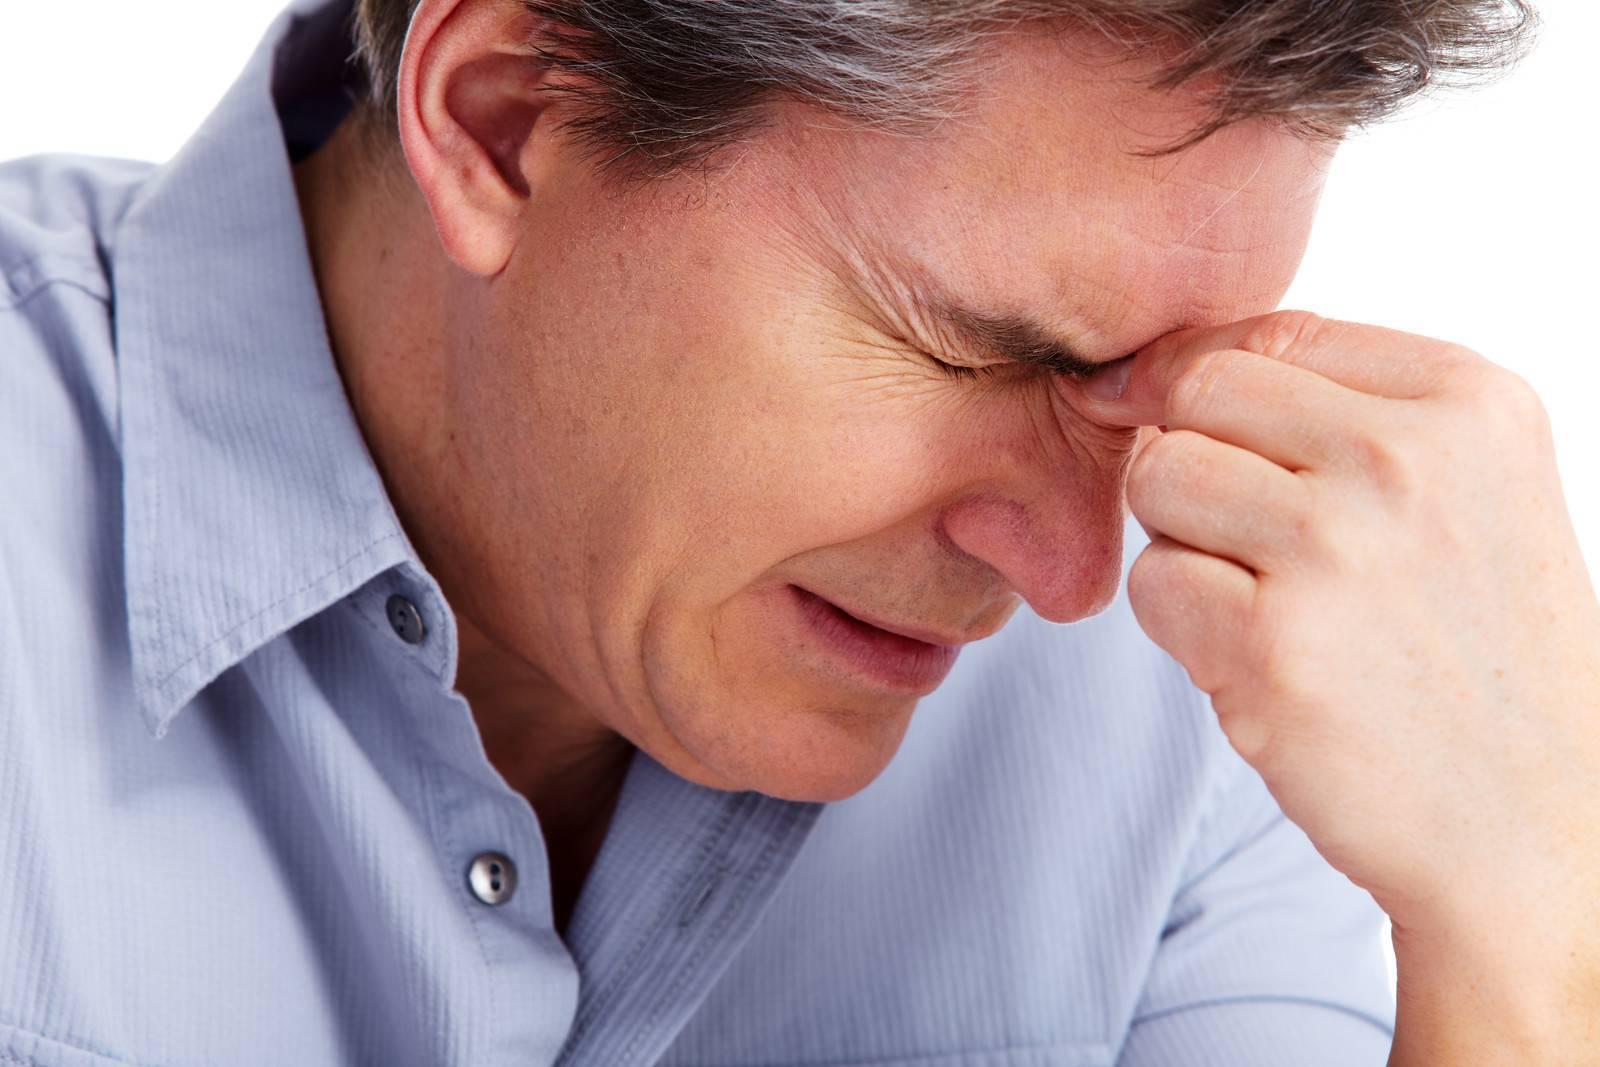 нос заложен лоб болит